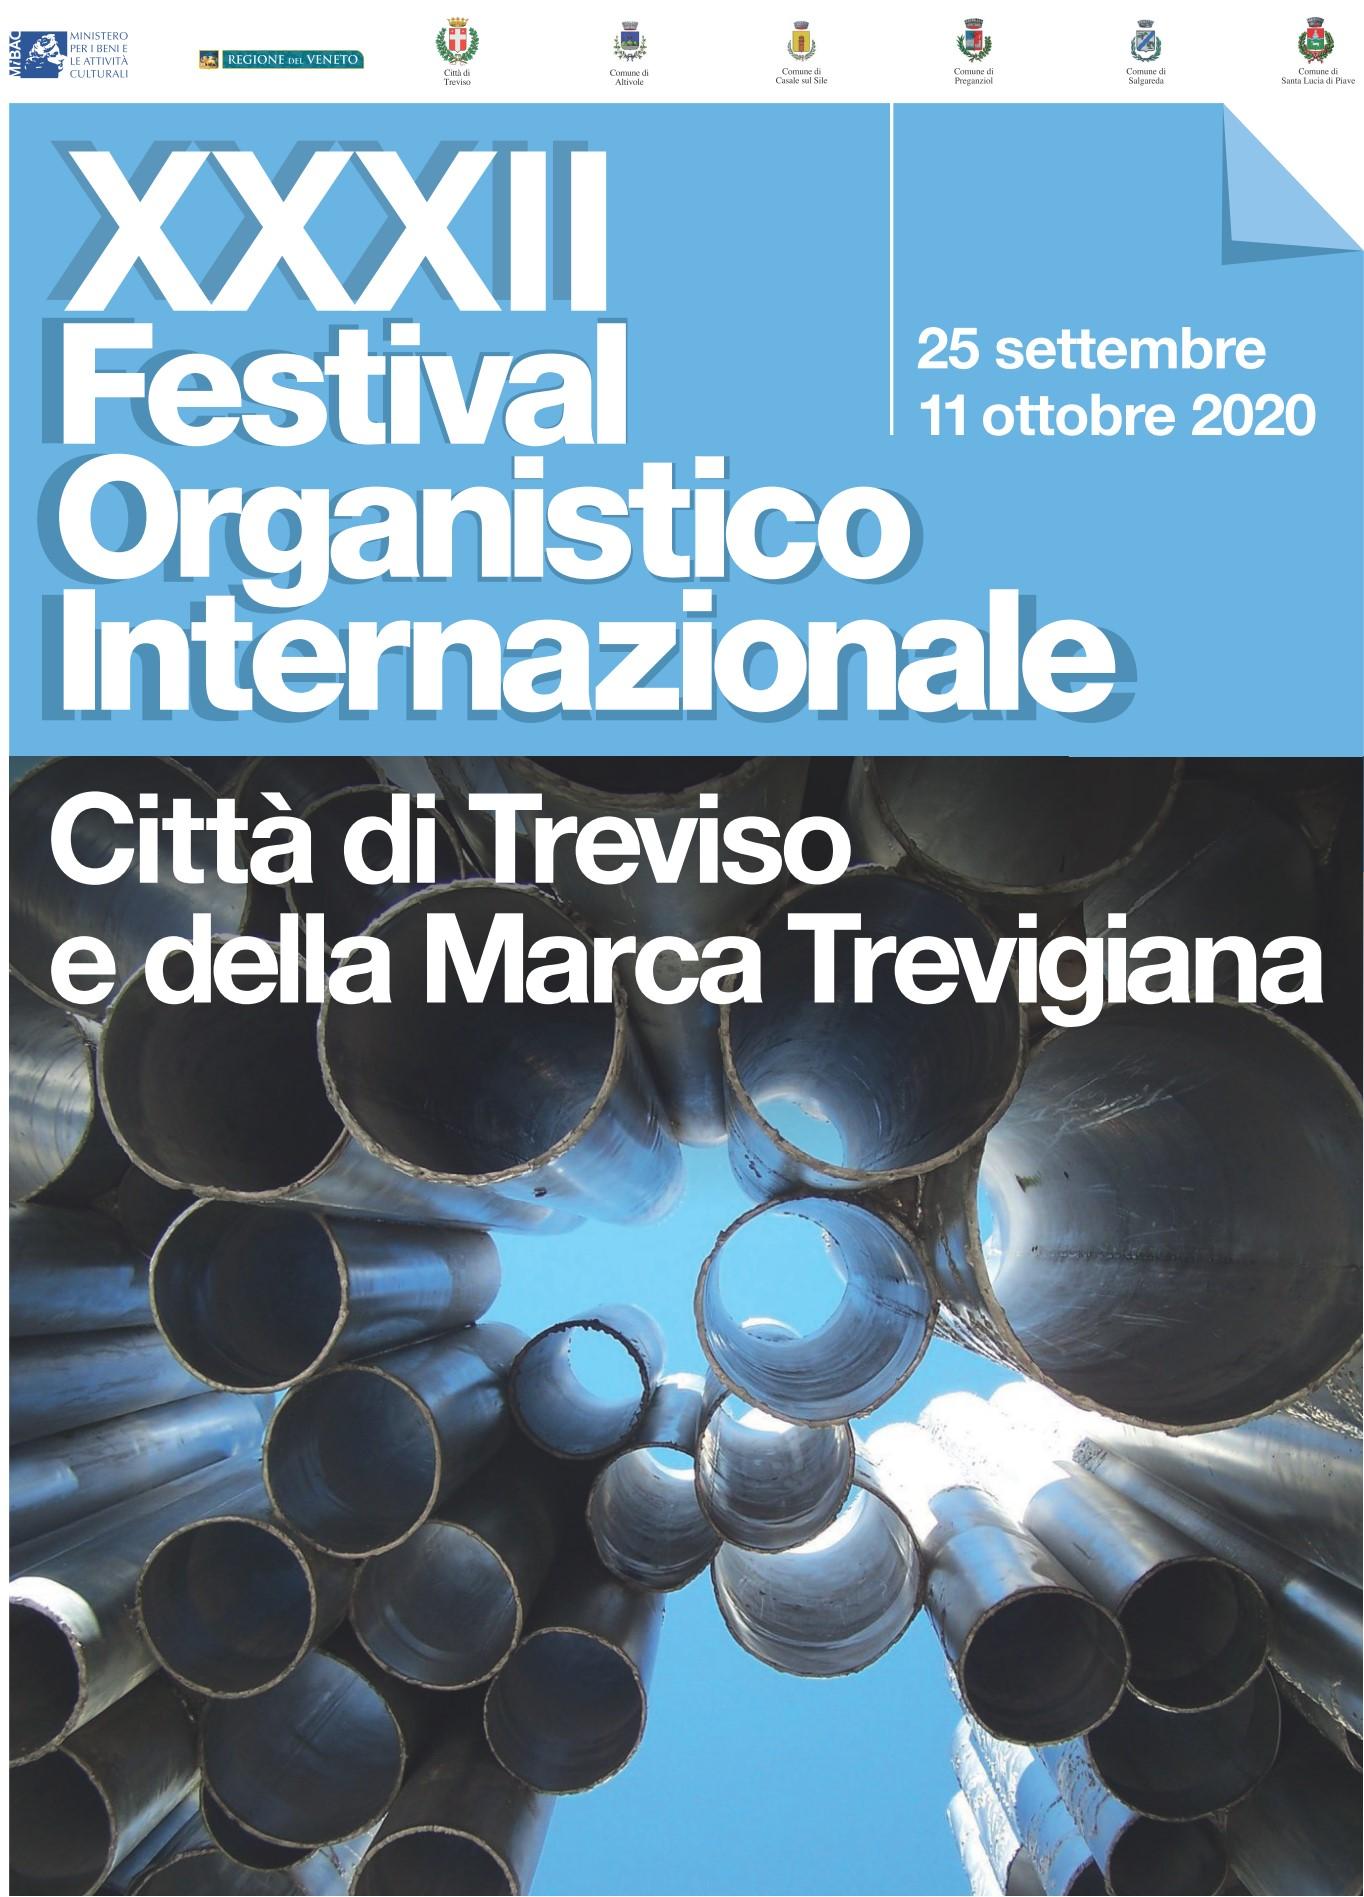 XXXII Festival Organistico Internaziomale Domenica 4 ottobre ore 16.30 Chiesa di San Trovaso